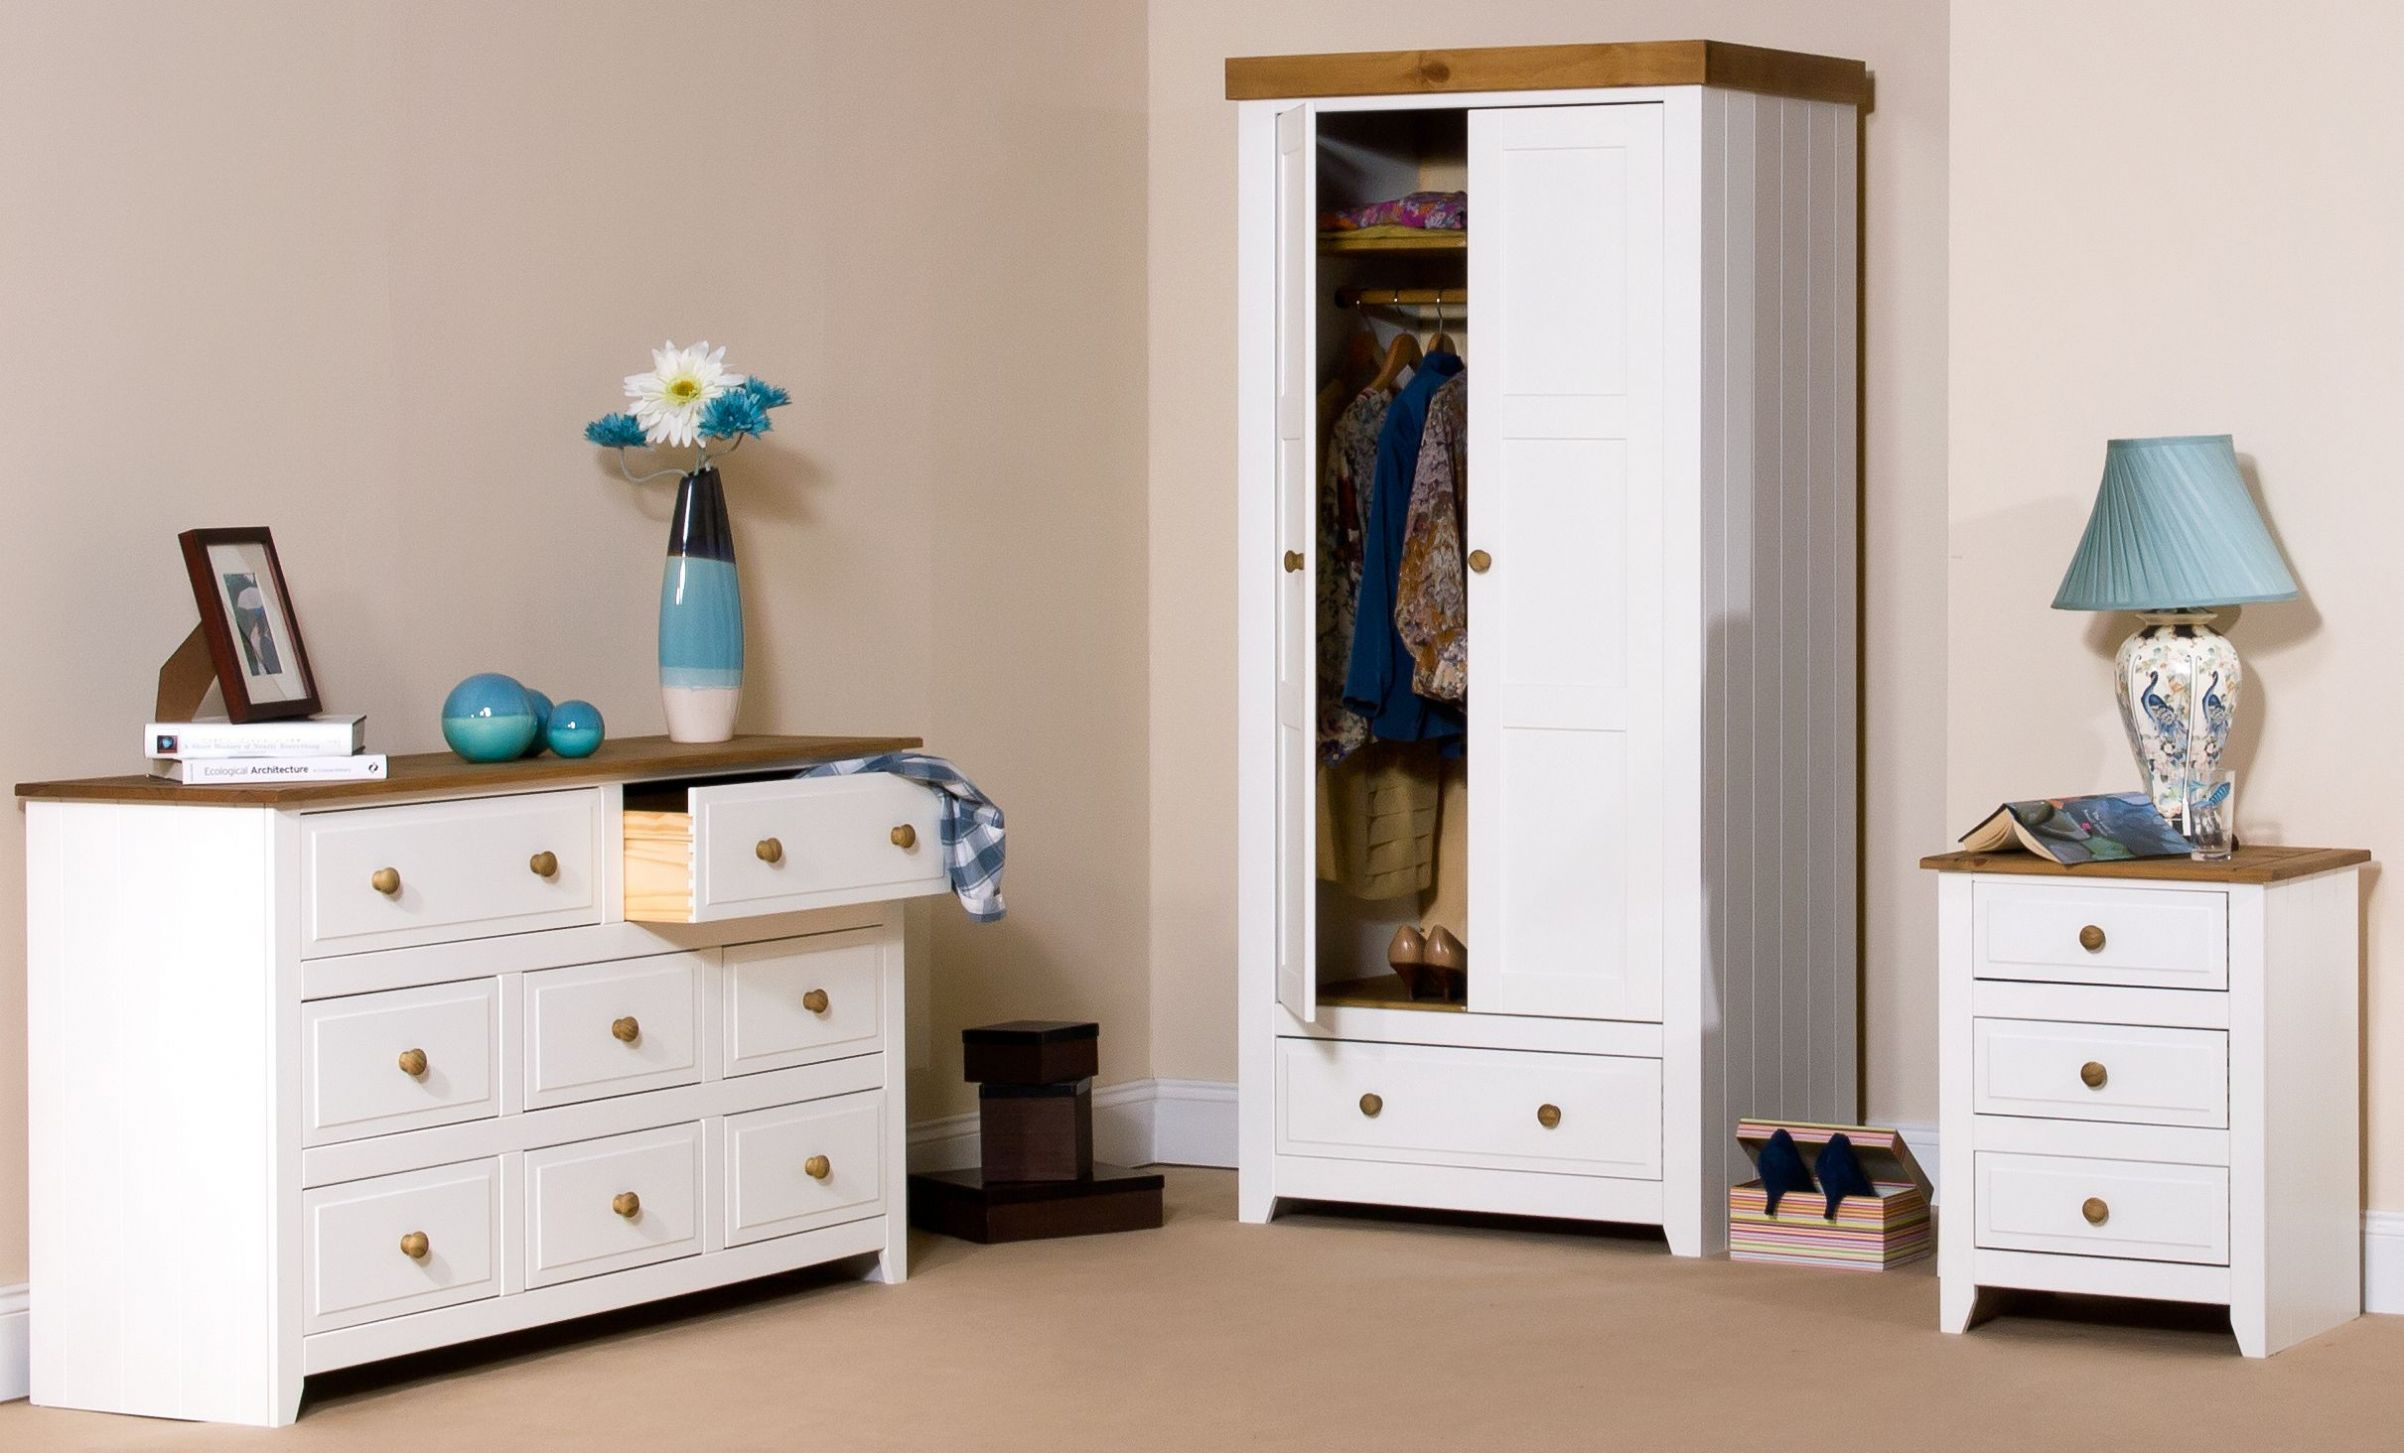 Solid wood bedroom furniture for kids - 20 tips for best ...